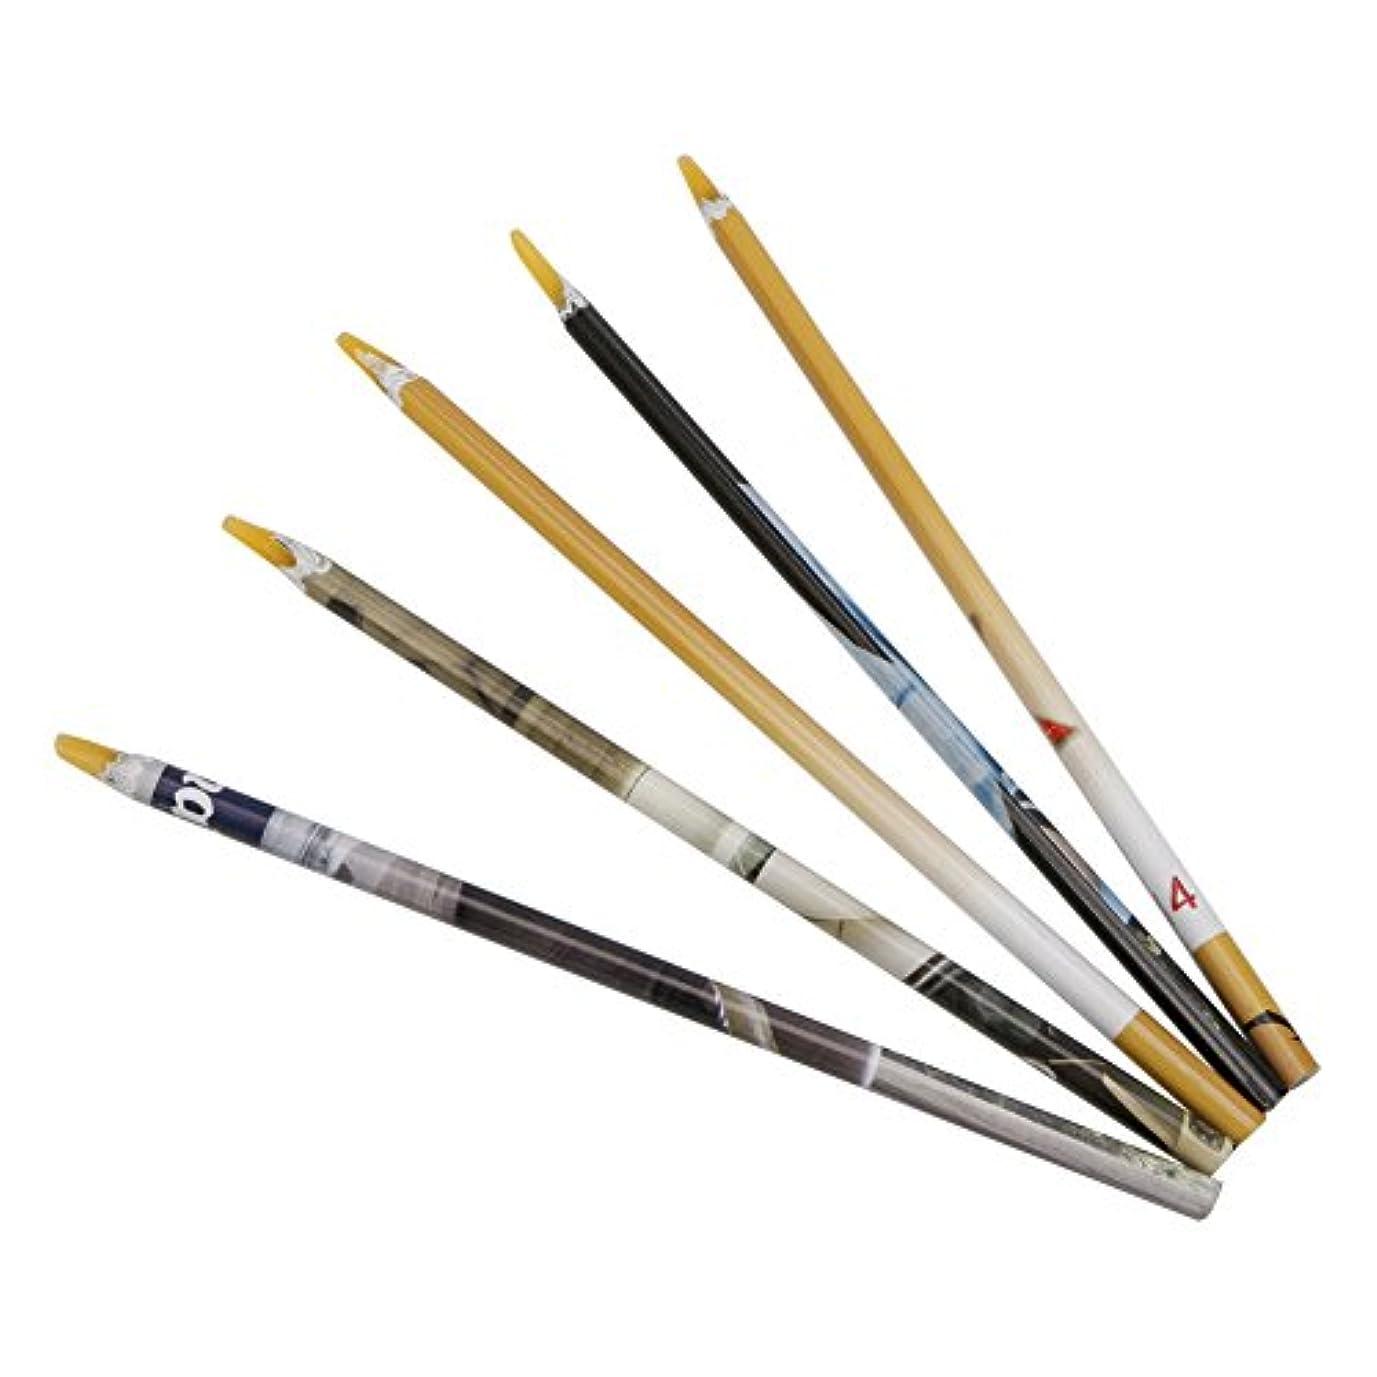 発見するひどく固執Sharring 1 Pcネイルアートクラフトツールワックスペン宝石クリスタルラインストーンピッカー鉛筆 [並行輸入品]